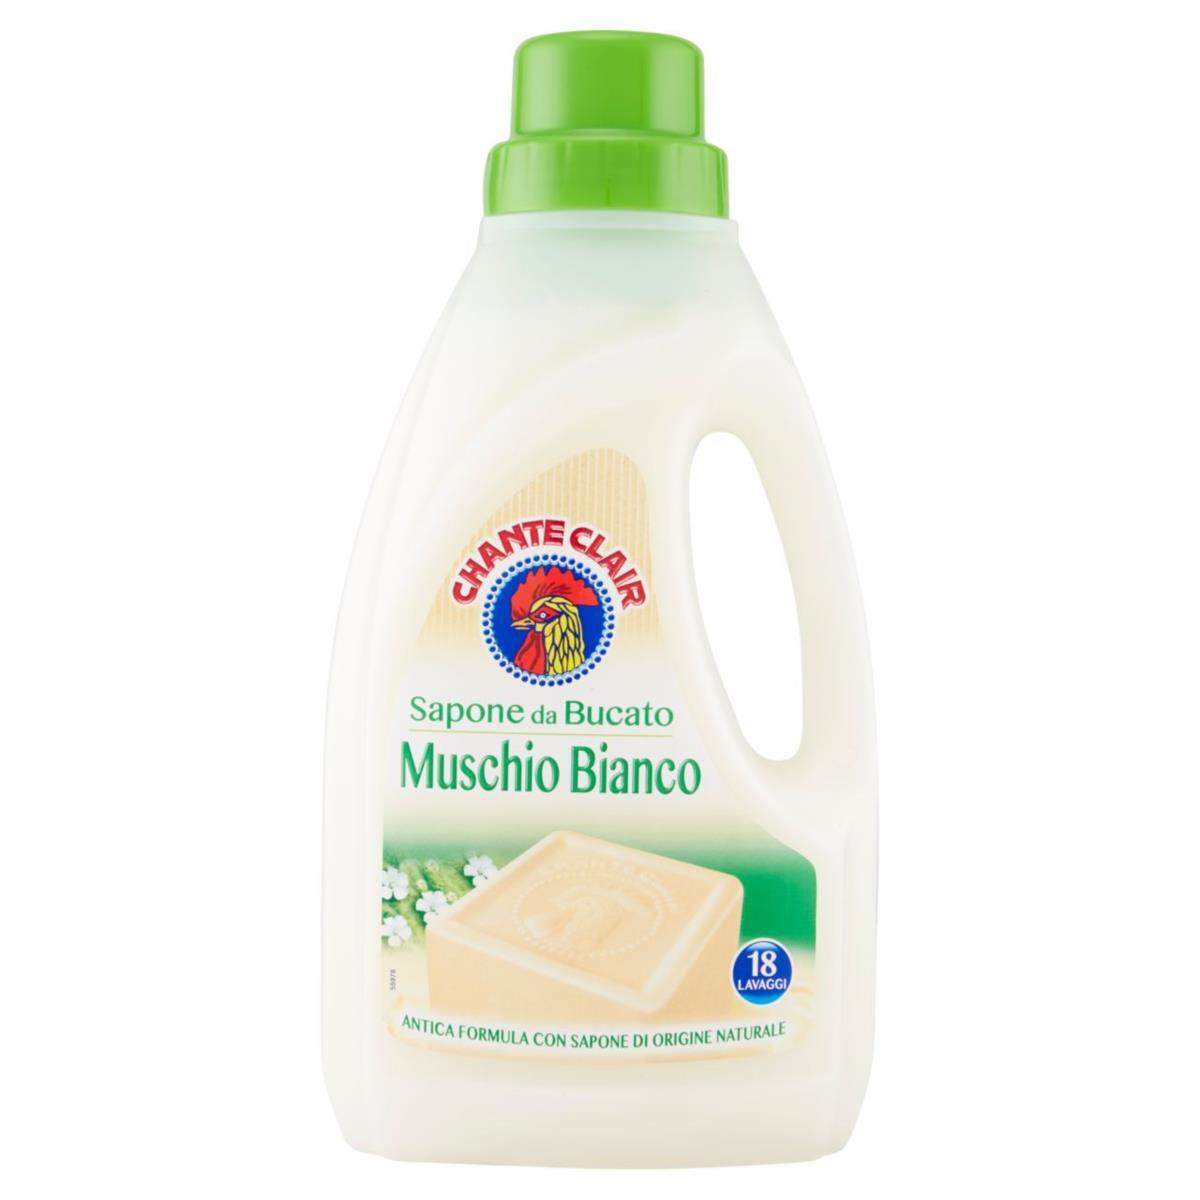 Detersivo liquido sapone da bucato muschio bianco chante for Quale lavatrice comprare